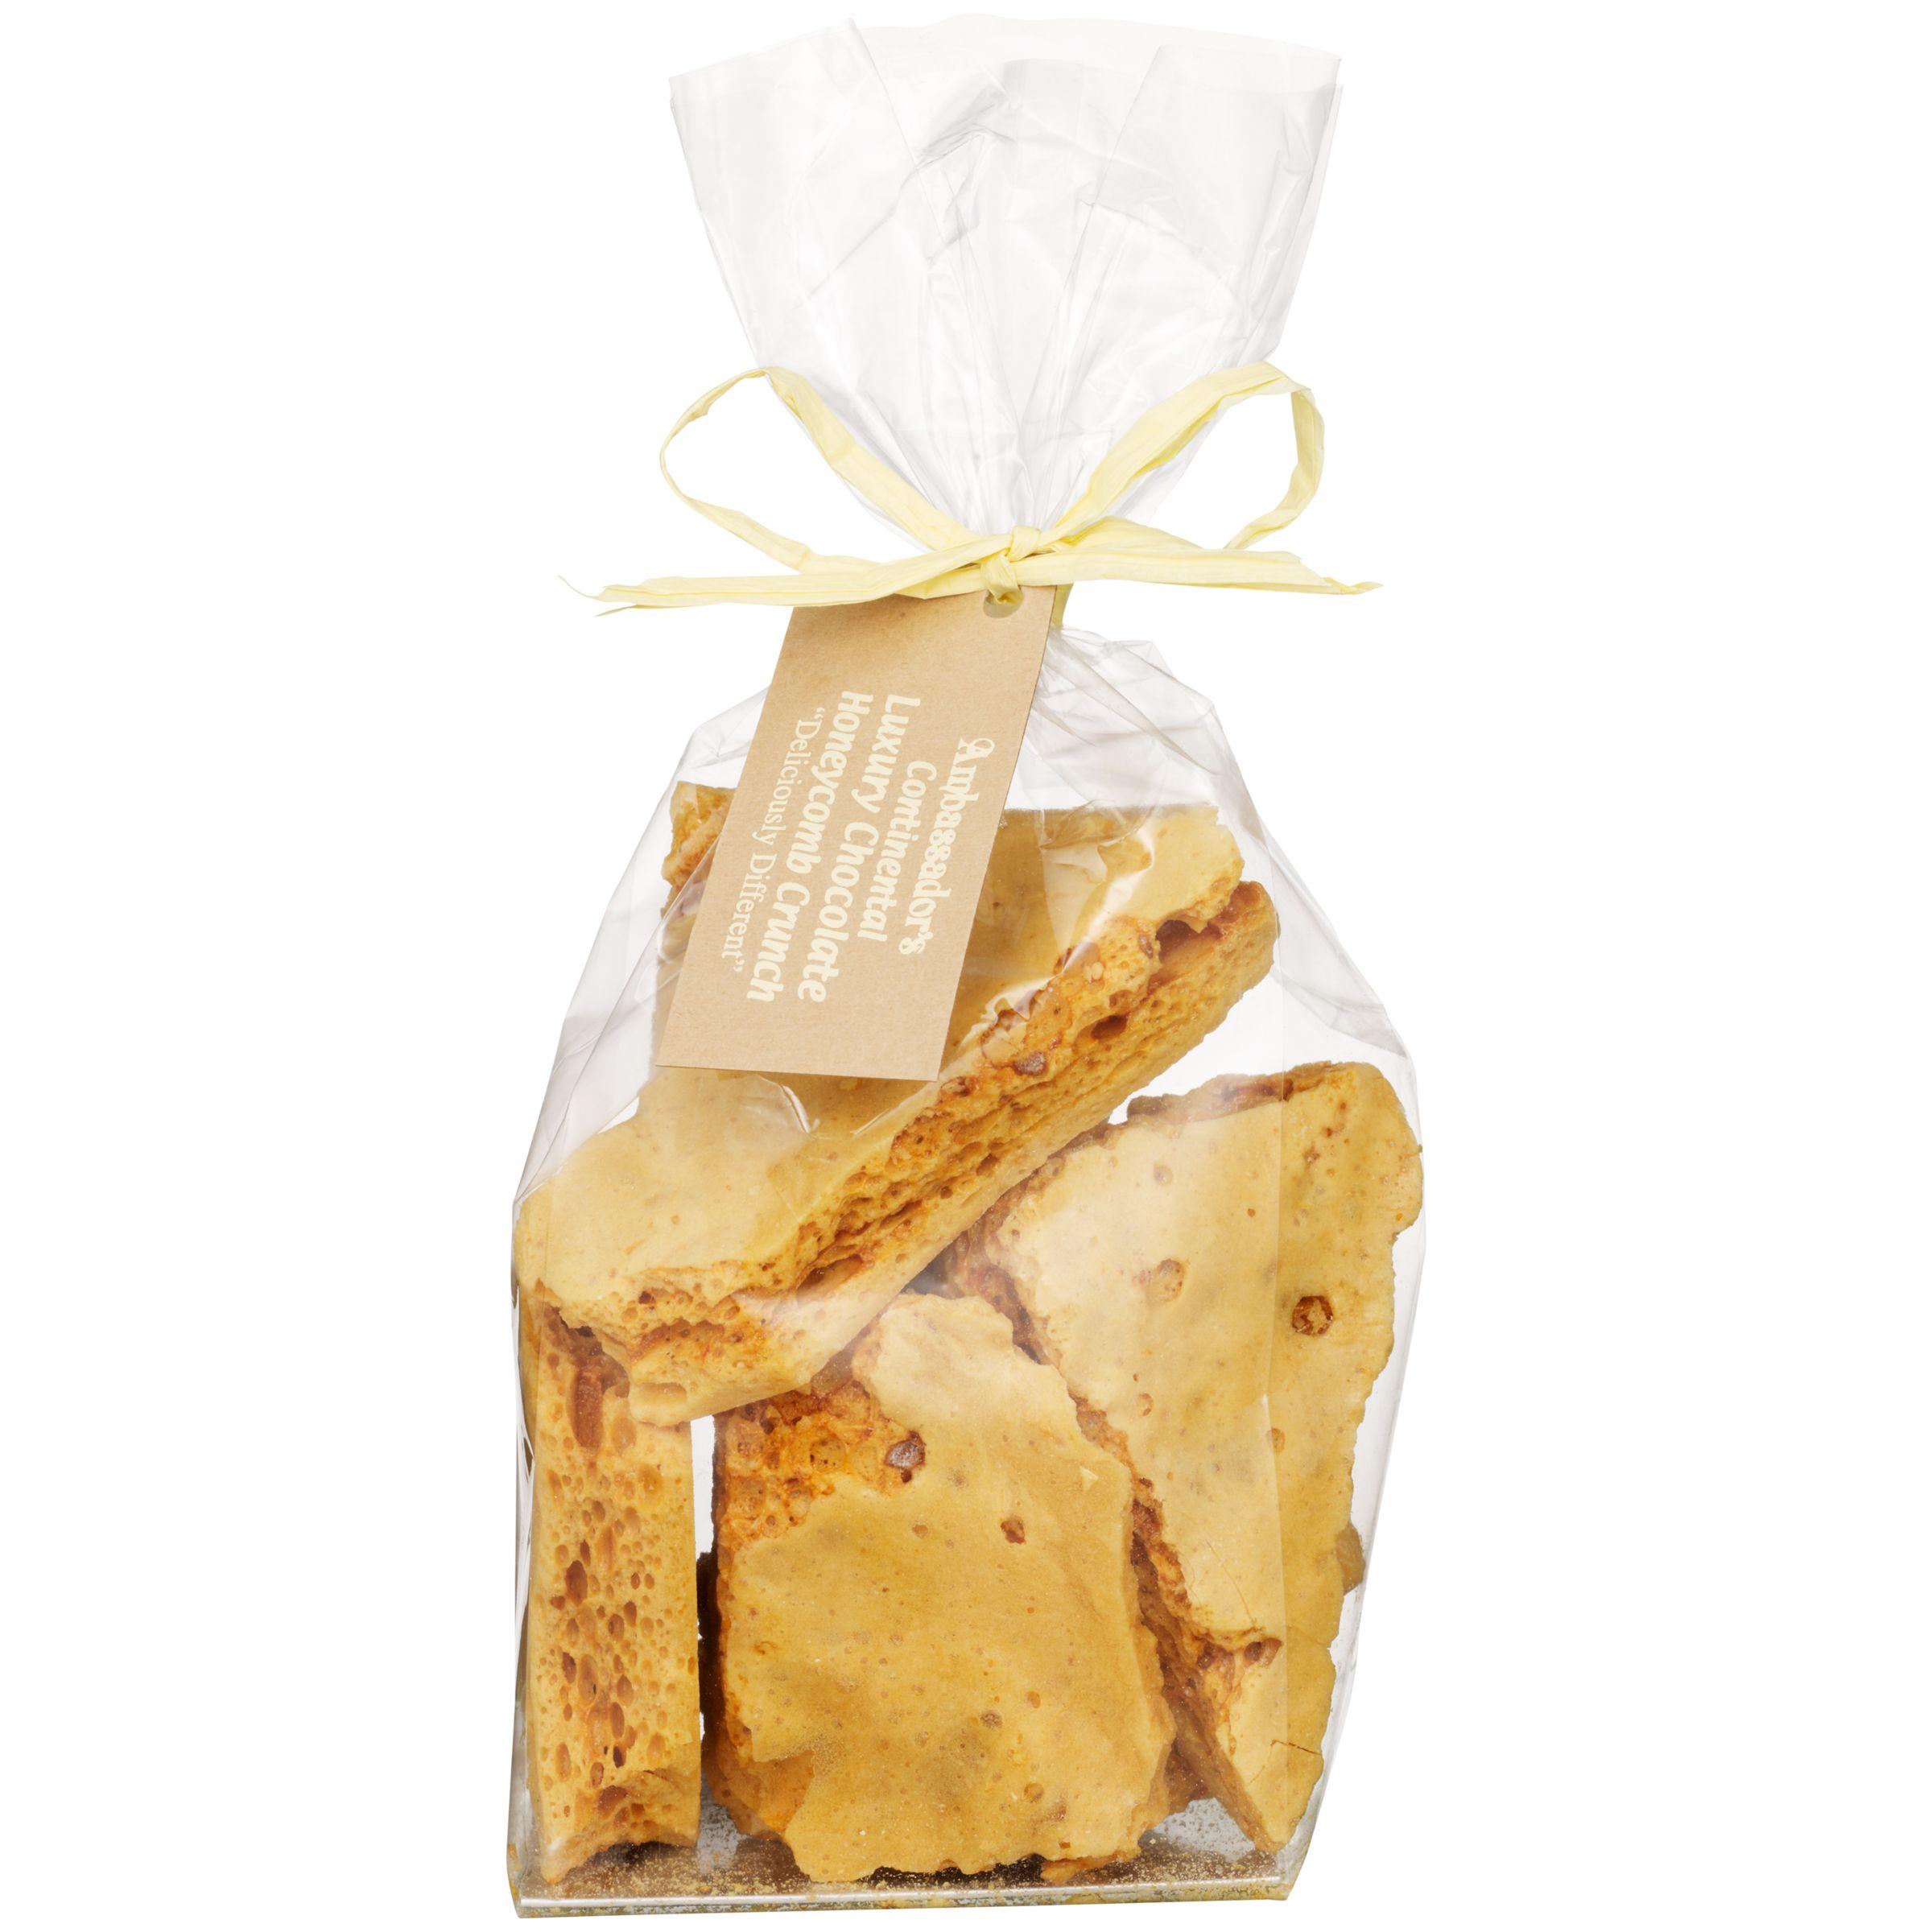 Ambassadors of London Ambassadors of London Honeycomb Crunch, 200g